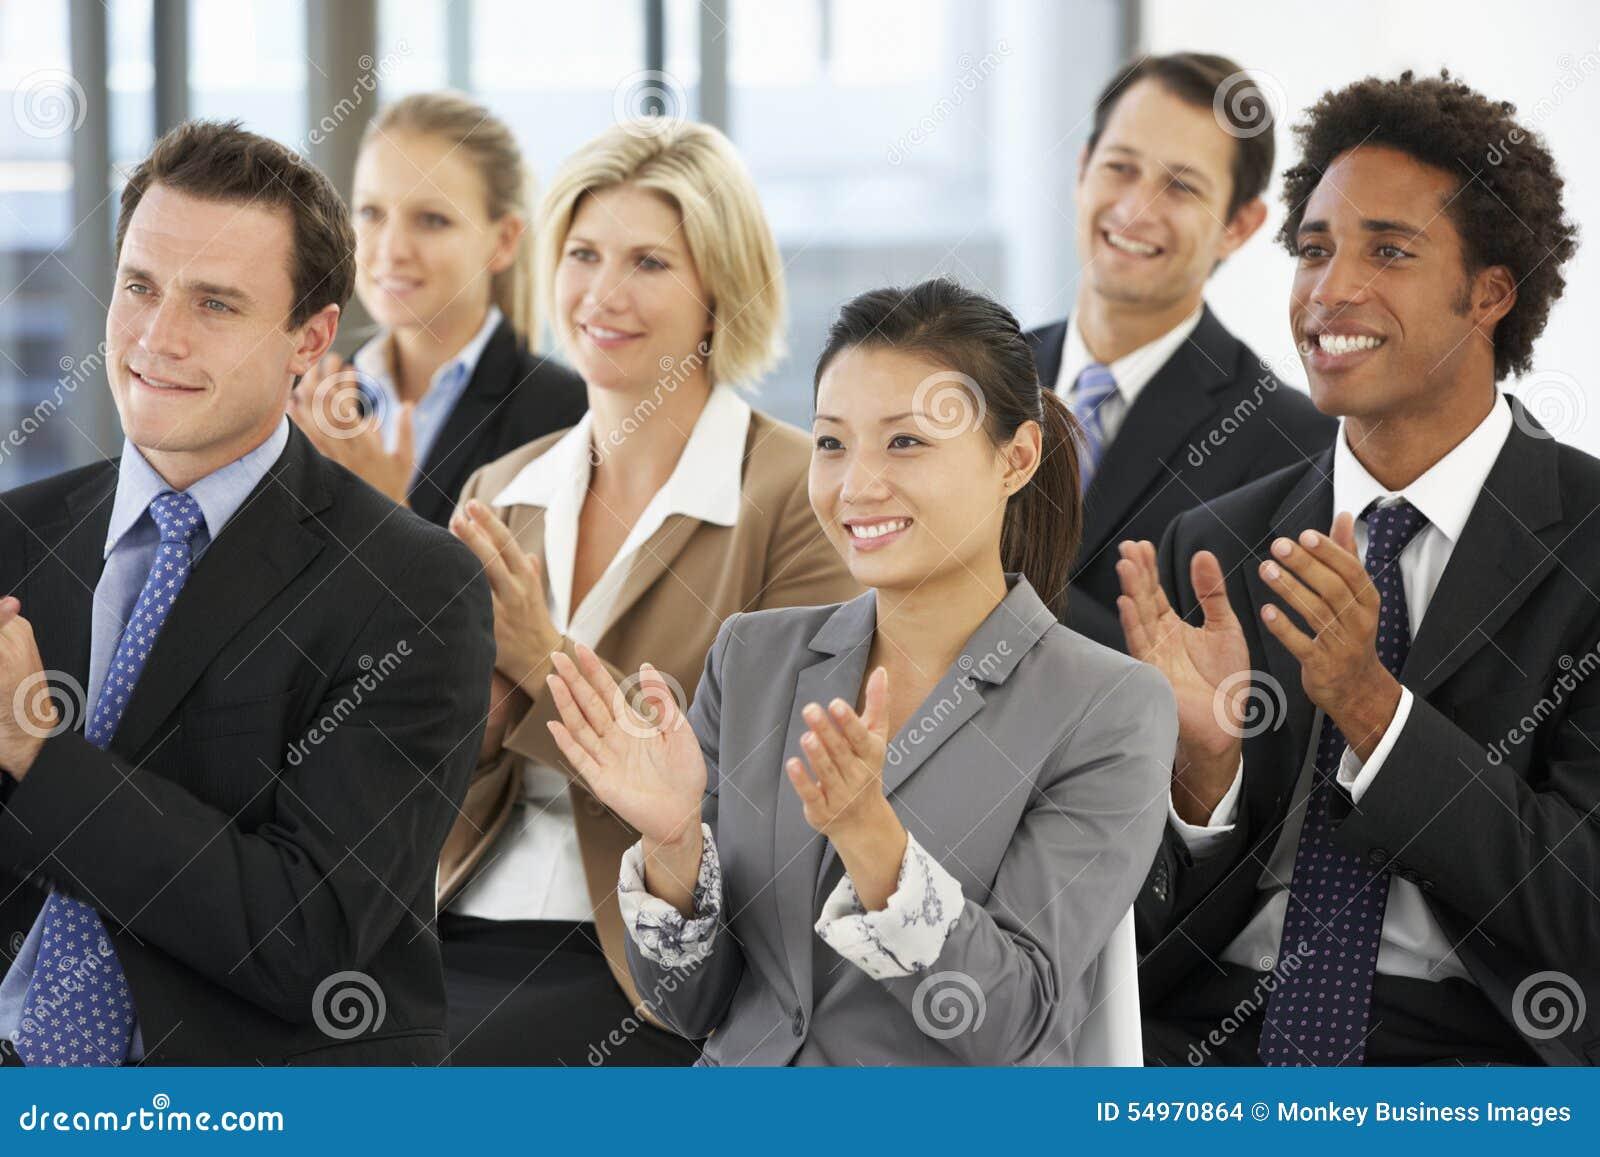 Grupo de hombres de negocios que aplauden el Presidente en el final de una presentación